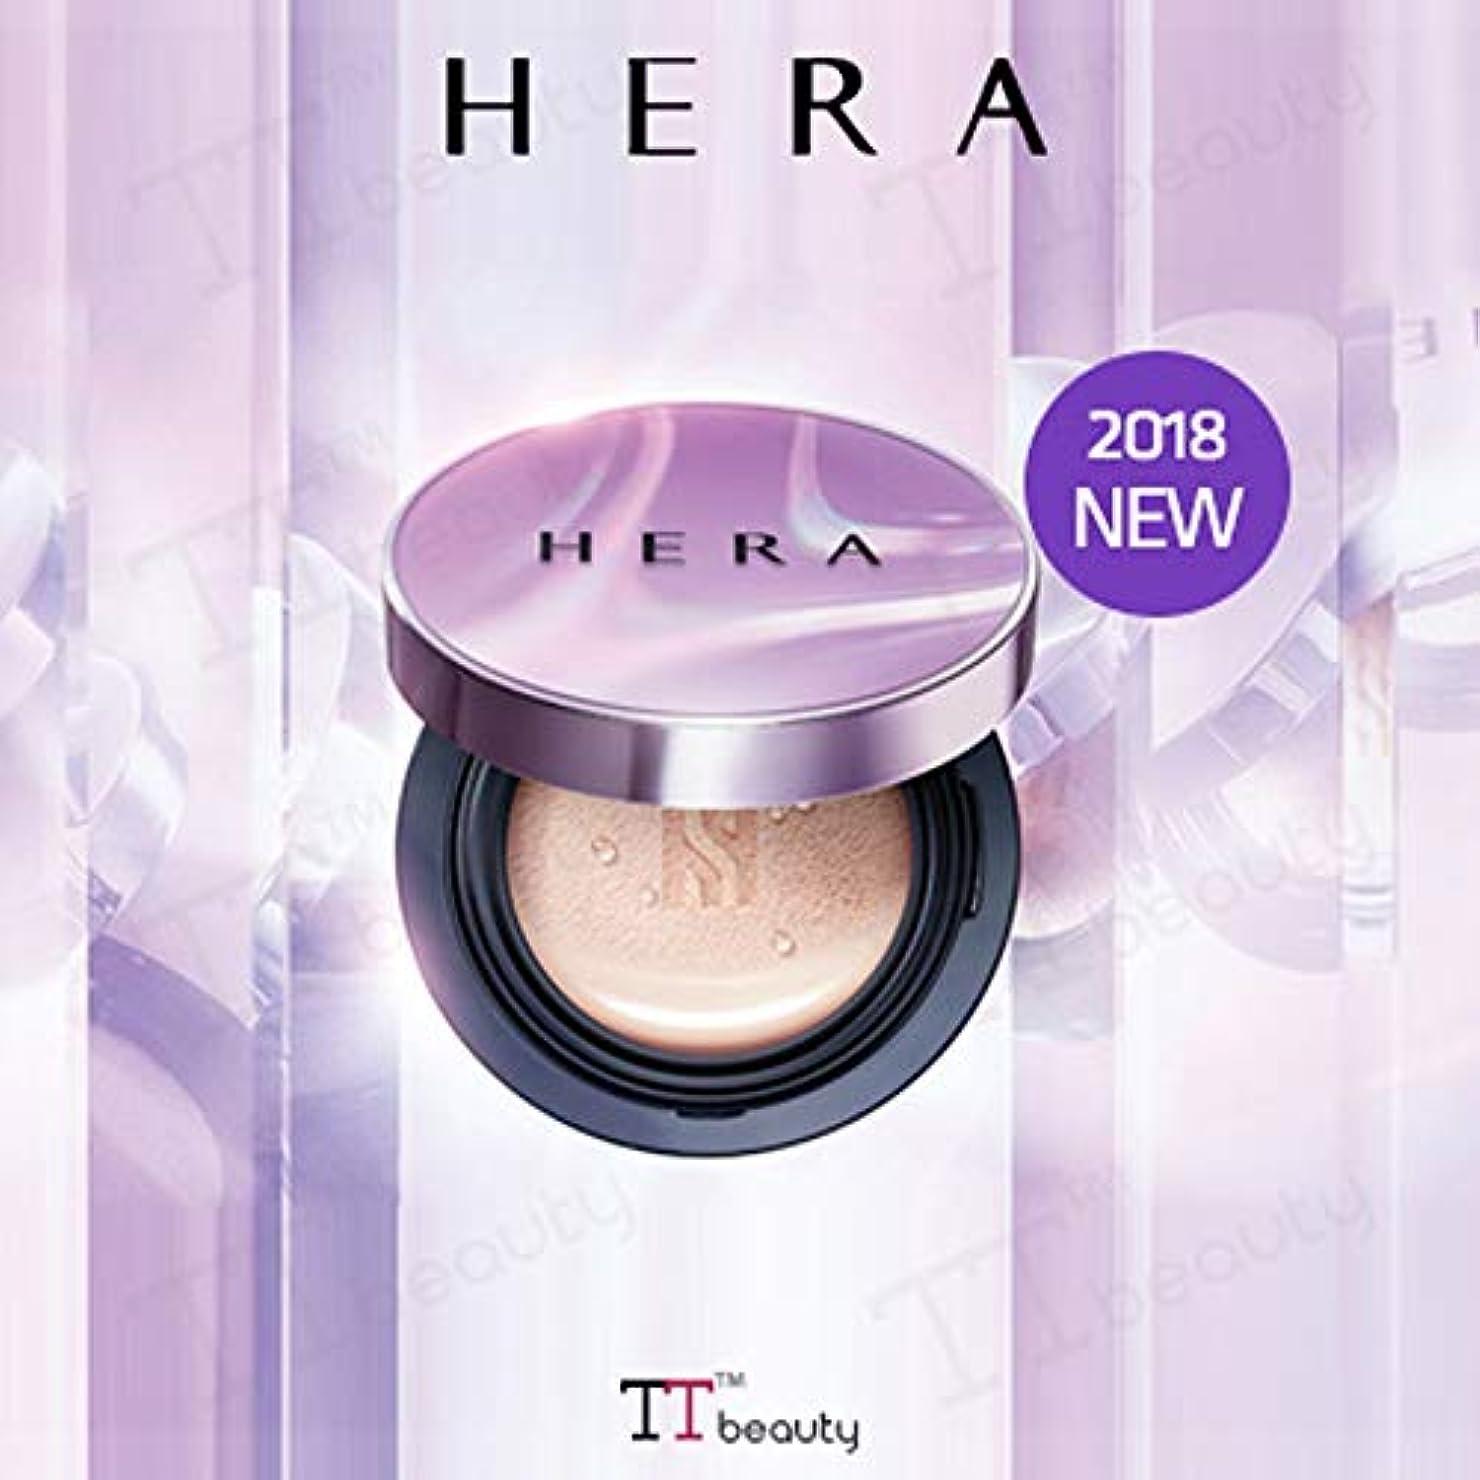 タバコ資料スカウト[HERA/ヘラ]UVミストクッションカバー(15gx2)/UV MIST CUSHION COVER SPF50+/PA+++[2018新発売][TTBEAUTY][韓国コスメ] (No.C15-Rose Ivory...